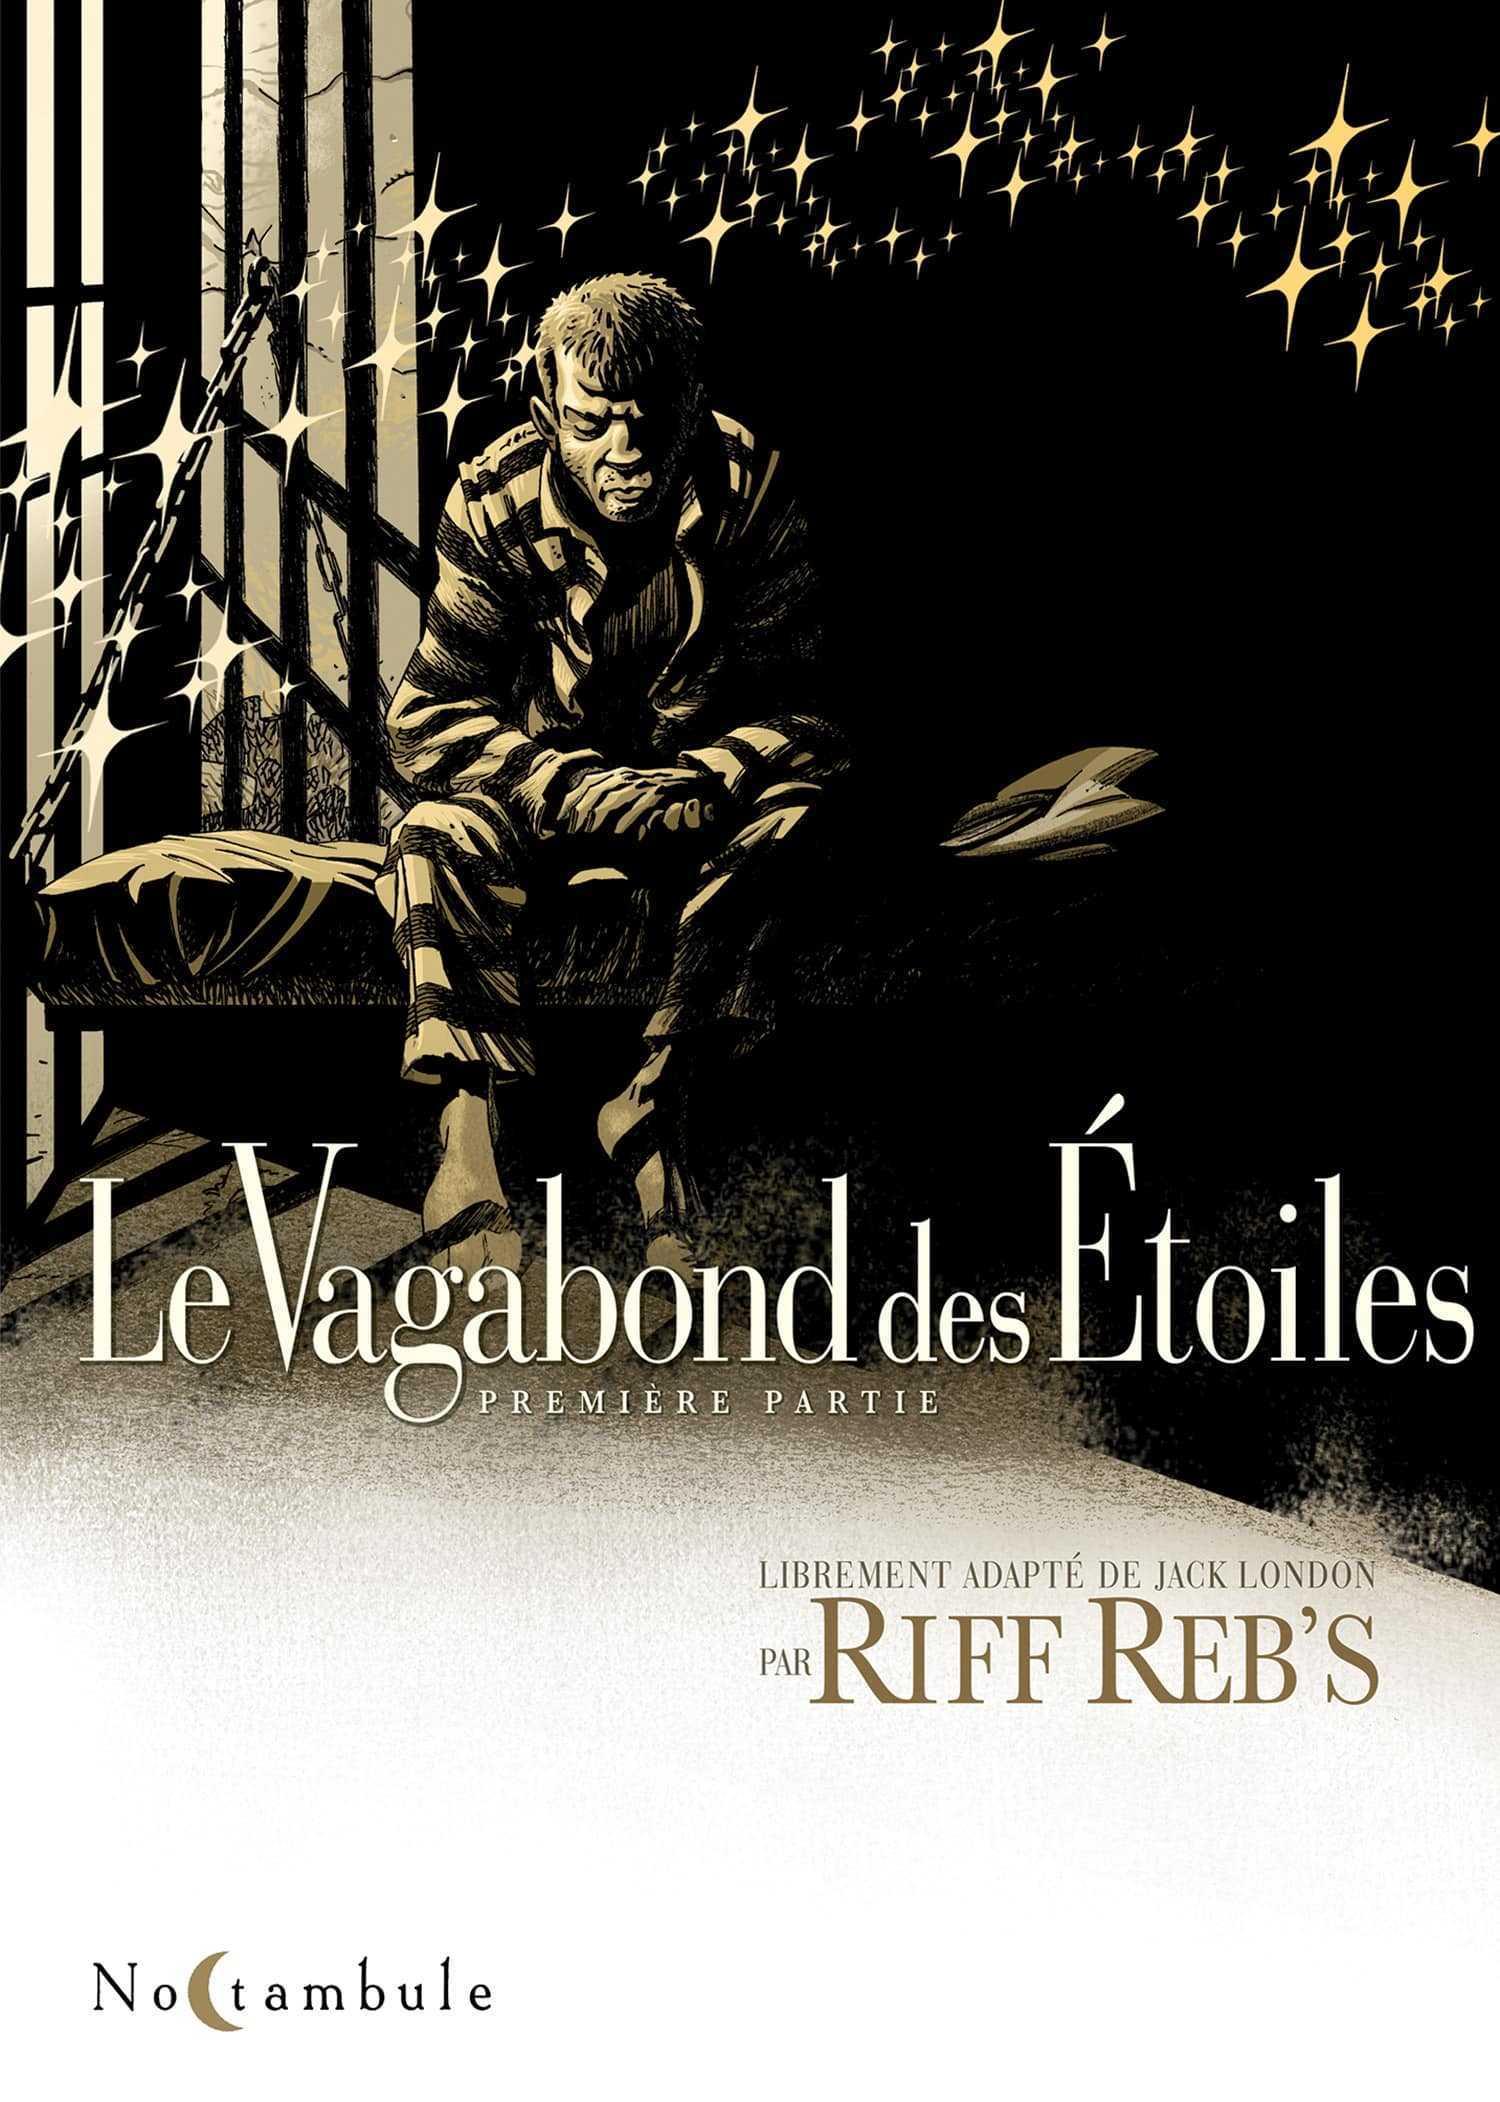 Le Vagabond des étoiles, Riff Reb's avec London